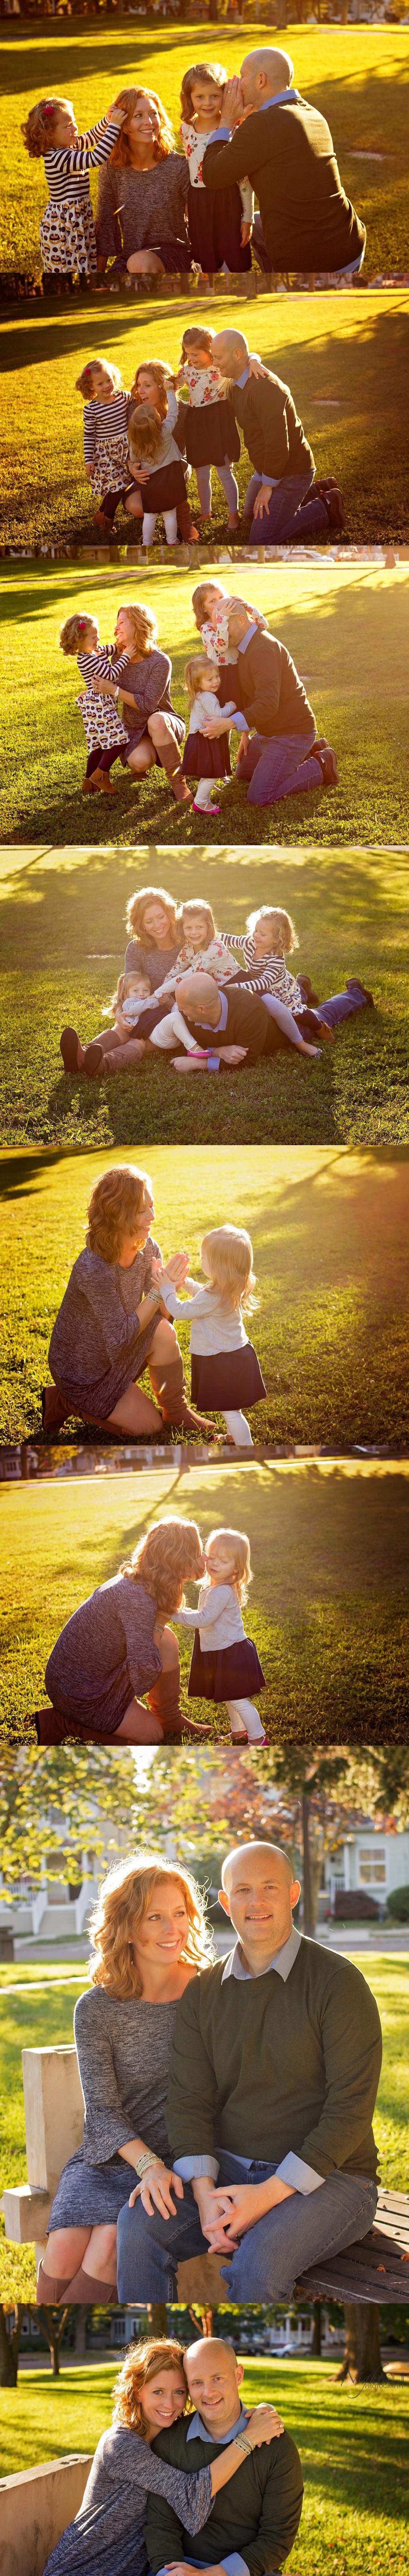 St. Joseph Michigan Newborn, Child and family Photographer_0322.jpg